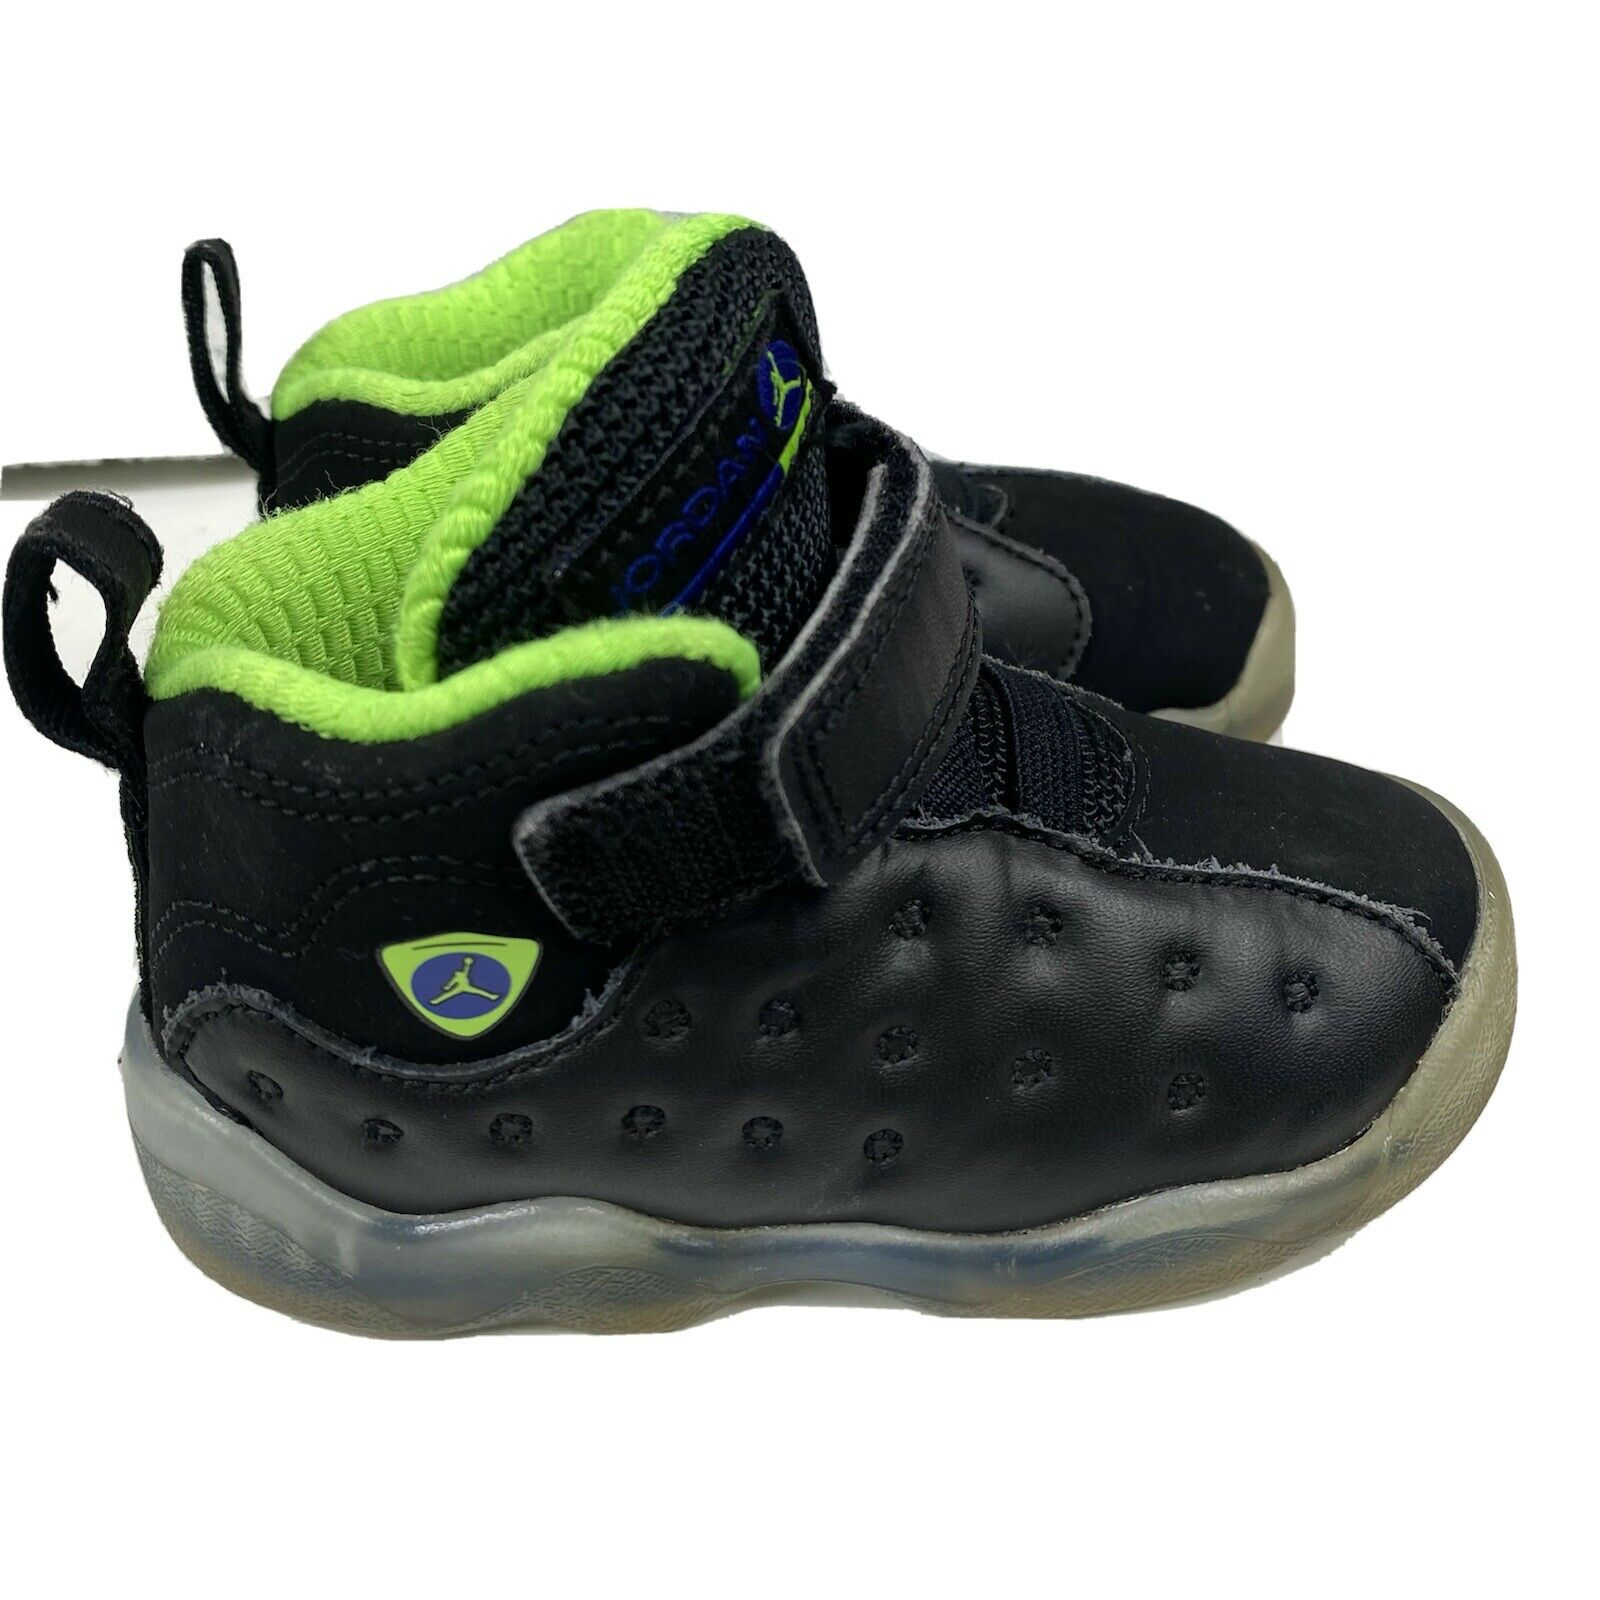 Nike Air Jordan Jumpman Team II PS 2016 Shoes Black 845202-017 Youth Size 3y